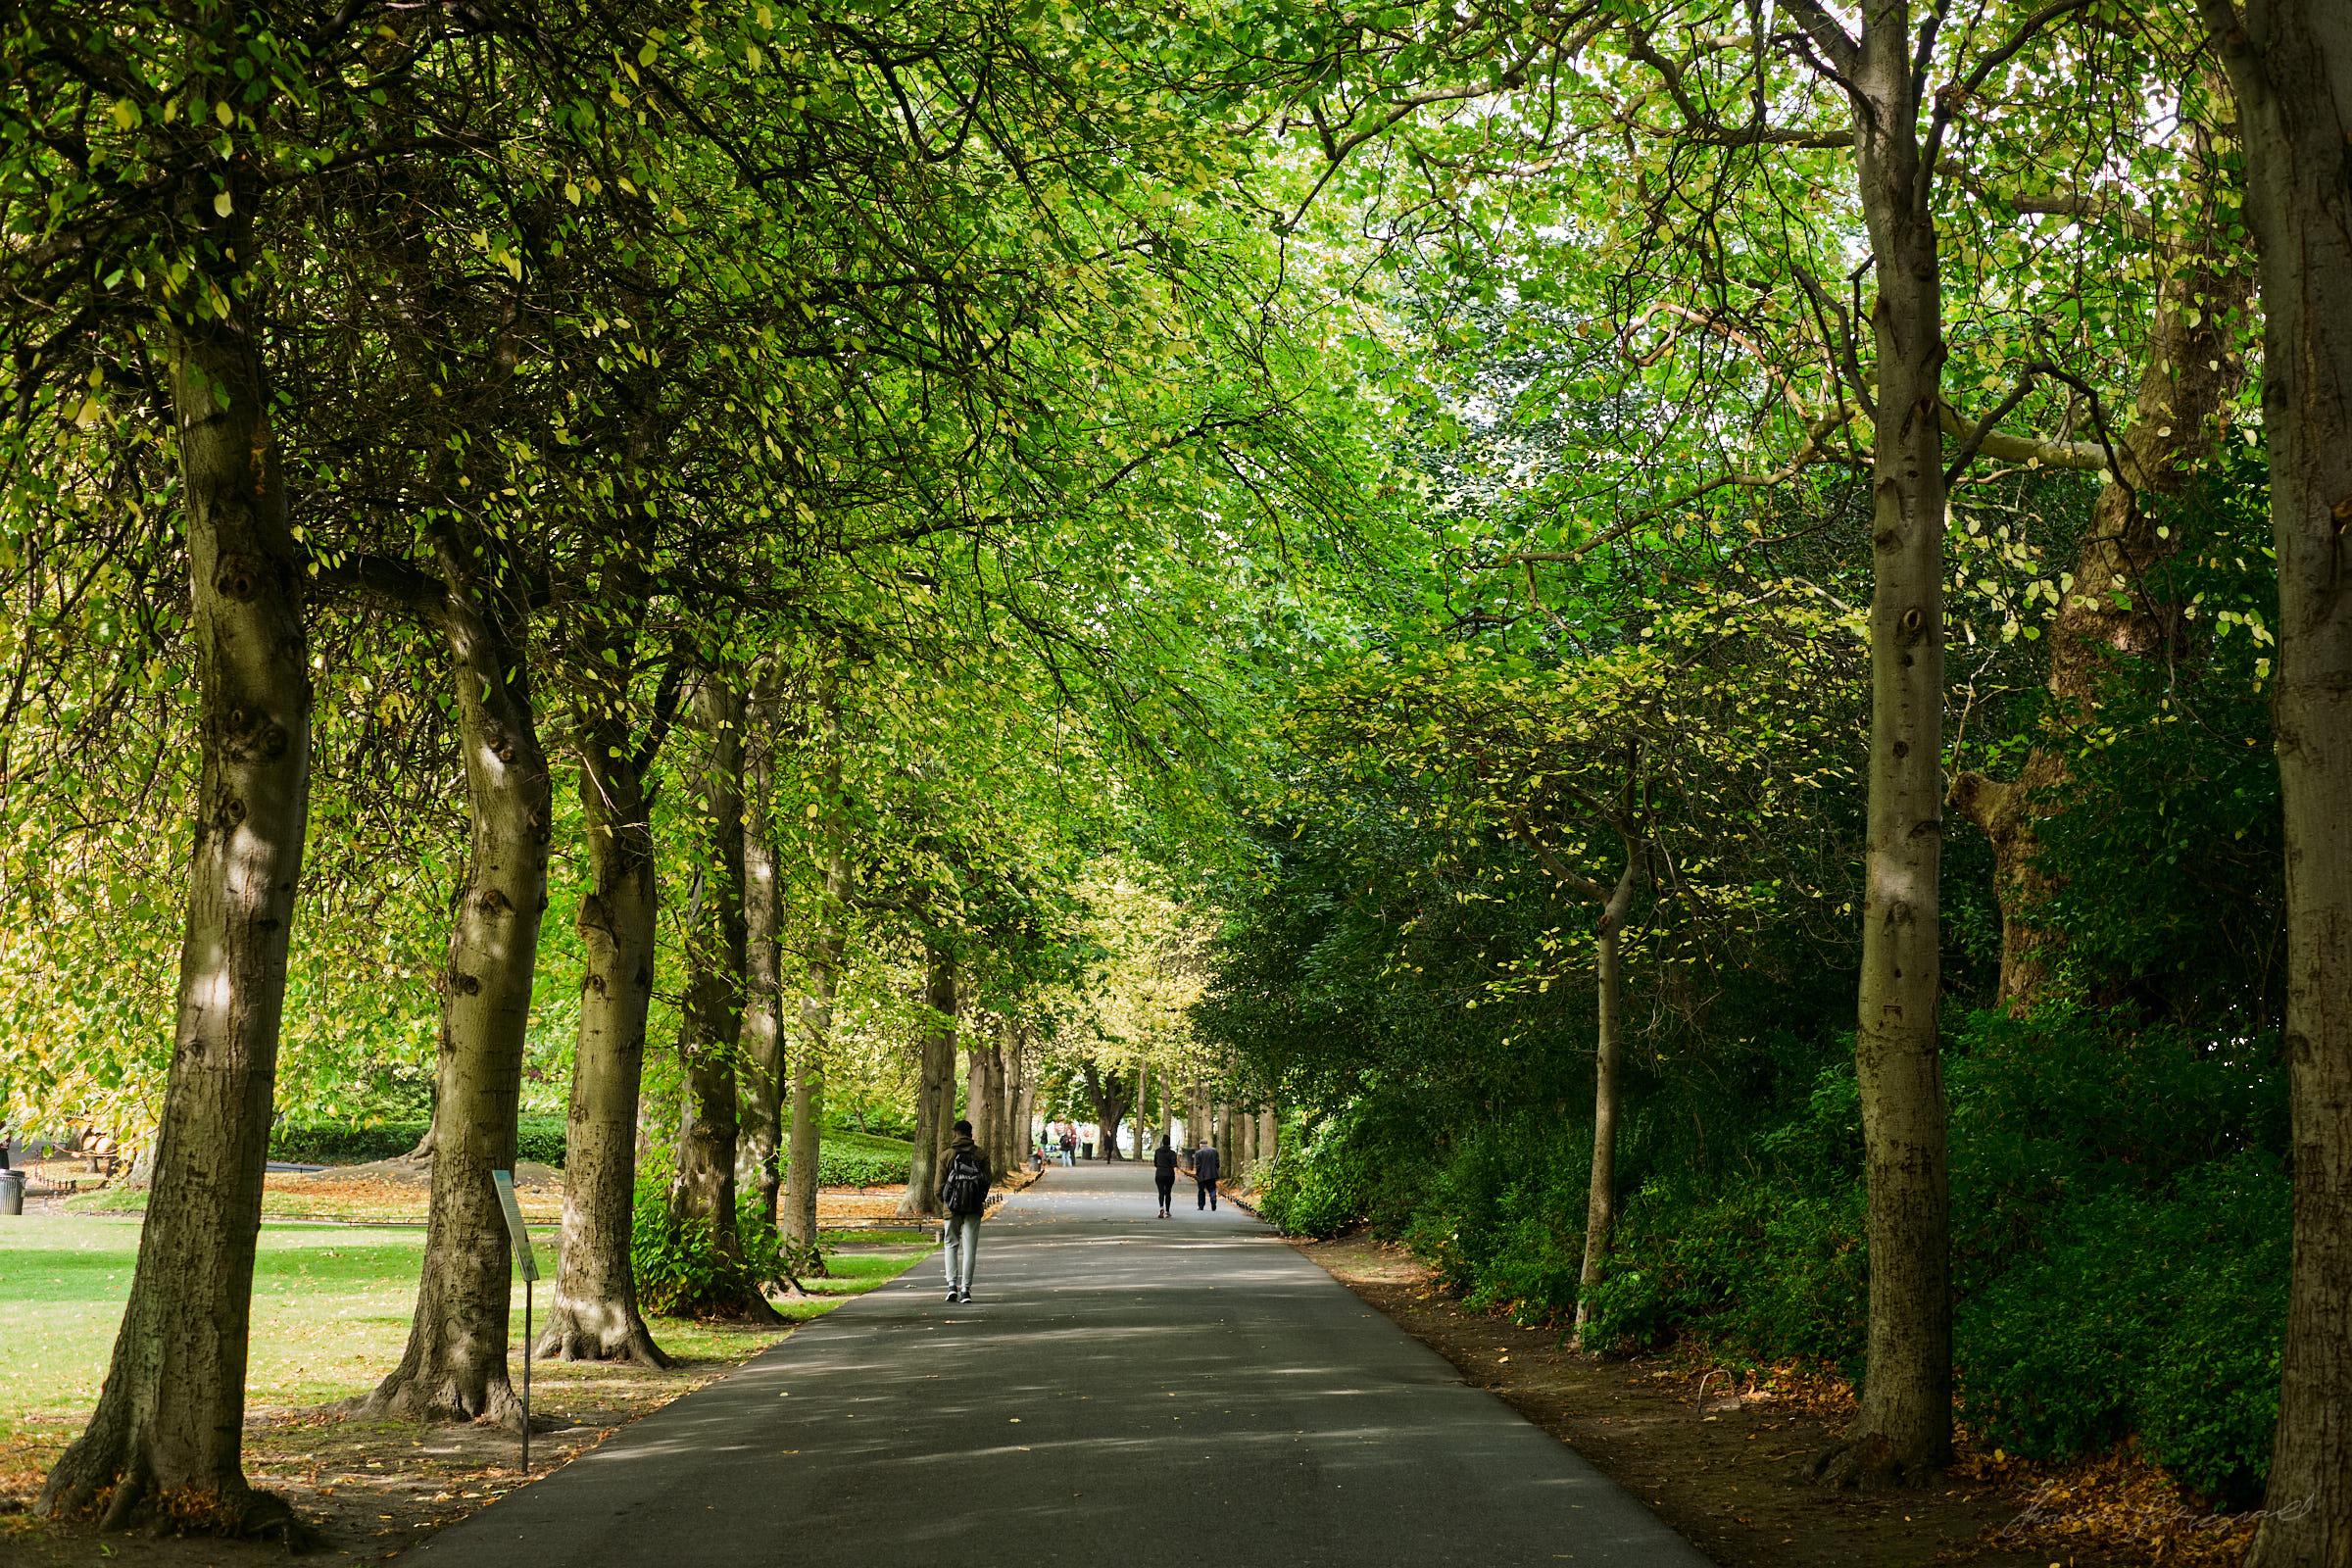 Street-and-park-autumn-385-Jpeg for Web.jpg